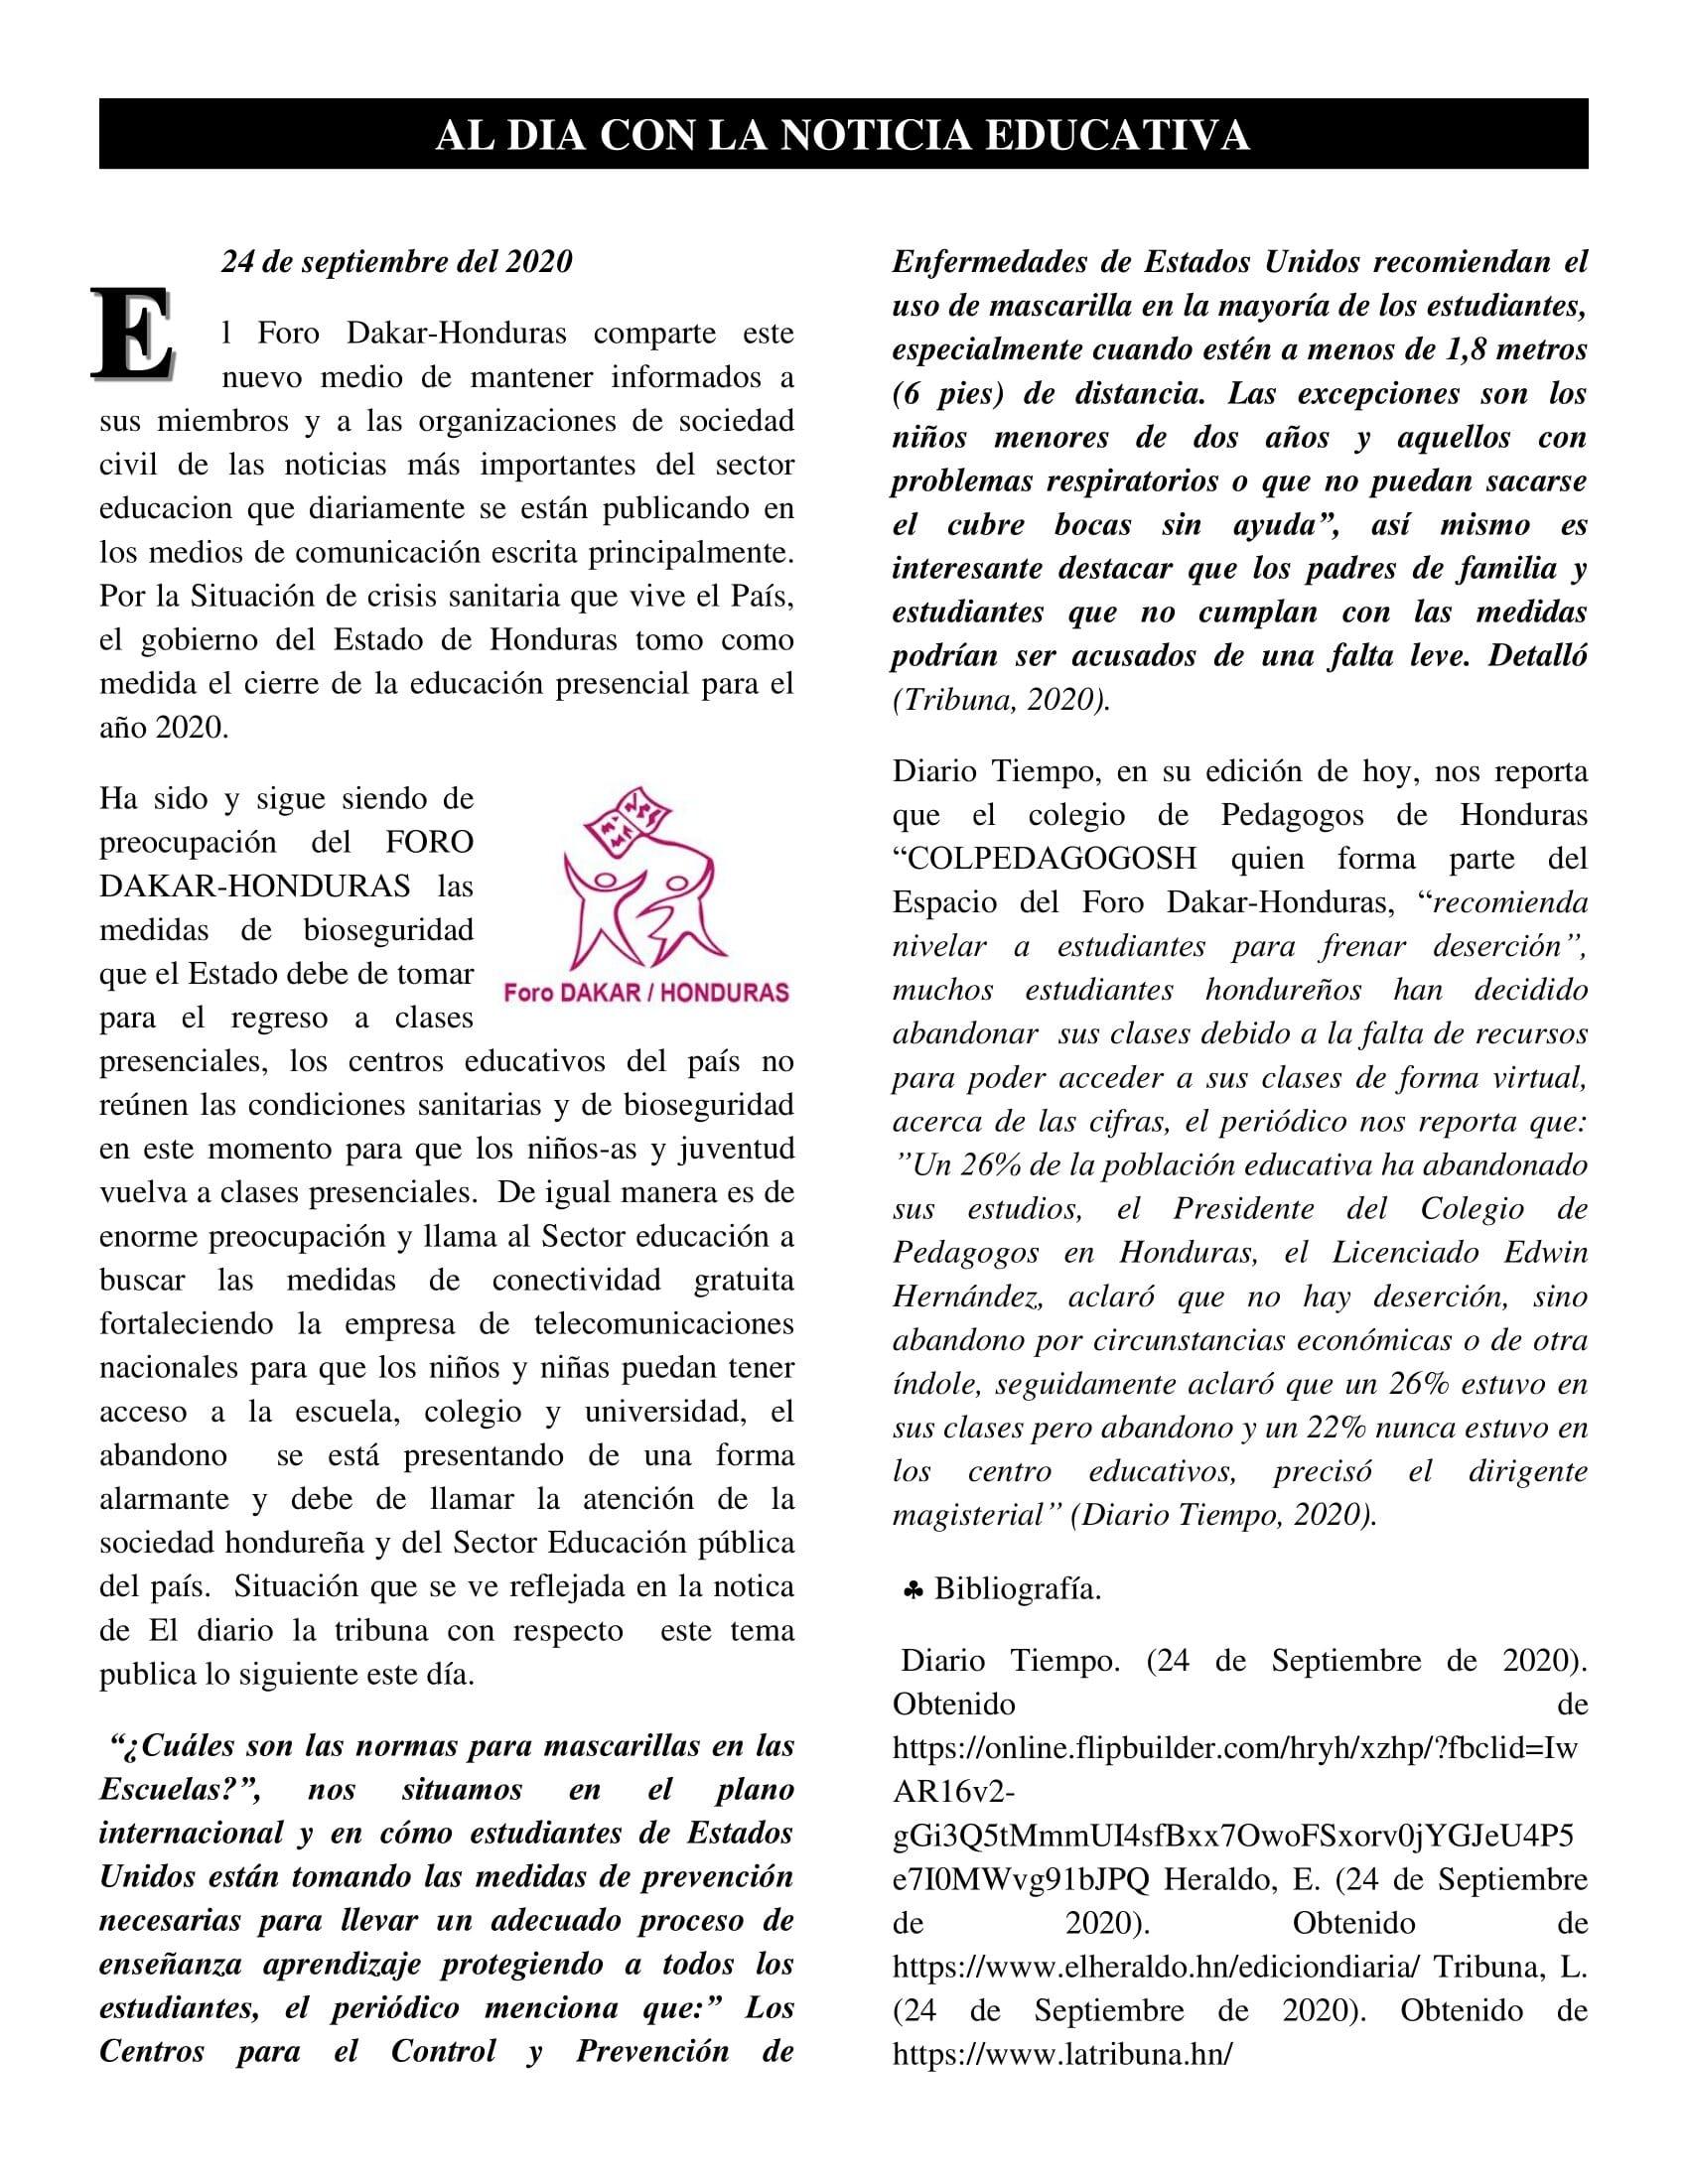 Articulo 24 septiembre 2020 AL DIA CON LA NOTICIA EDUCATIVA